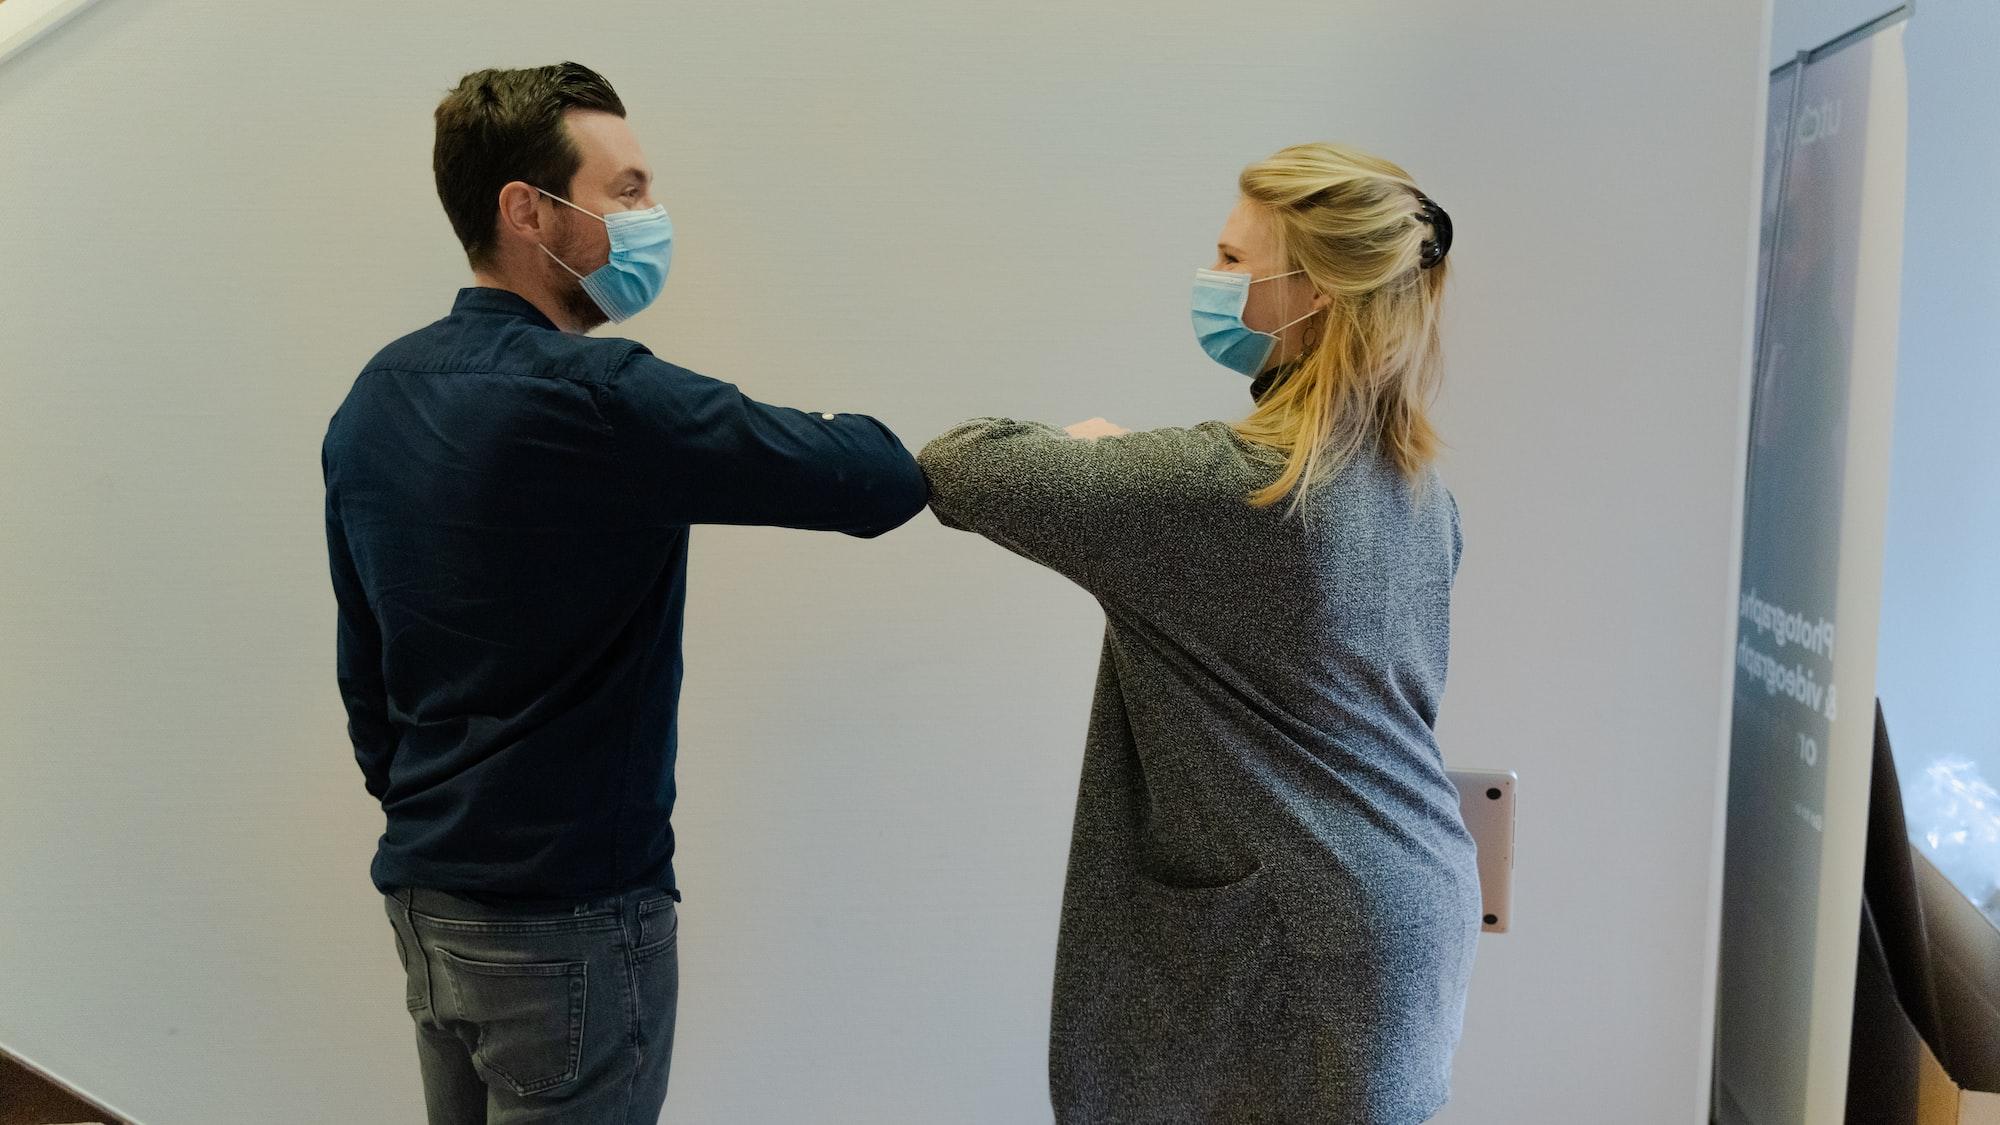 Koronawirus Małopolska [6 czerwca]: Szczegółowe dane - zakażenia, zgony